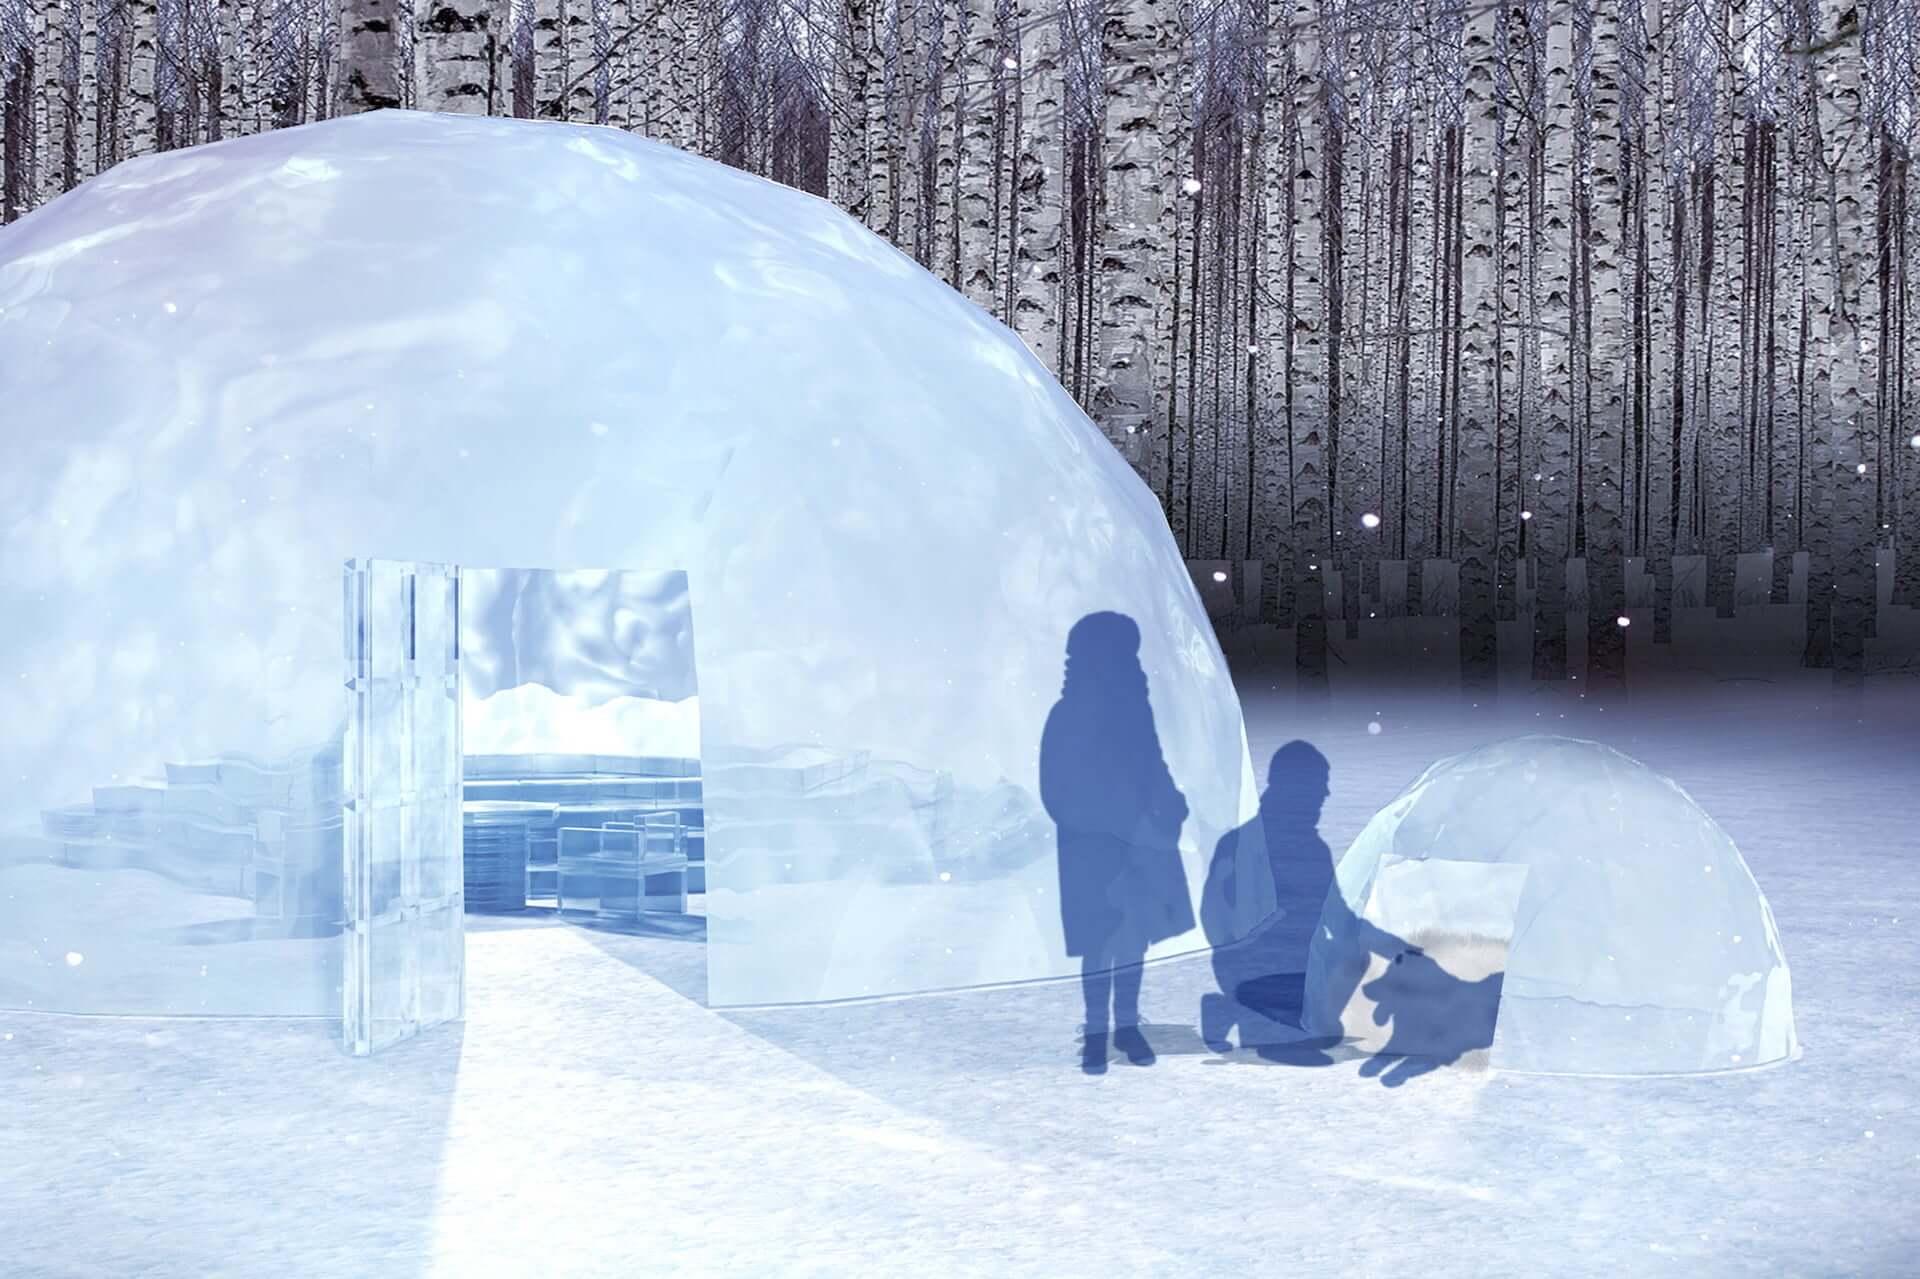 「氷の露天風呂」も堪能できる氷のホテルが北海道最大級のスノーリゾート・星野リゾート トマムに今年も登場! art201202_tomamu_2-1920x1279